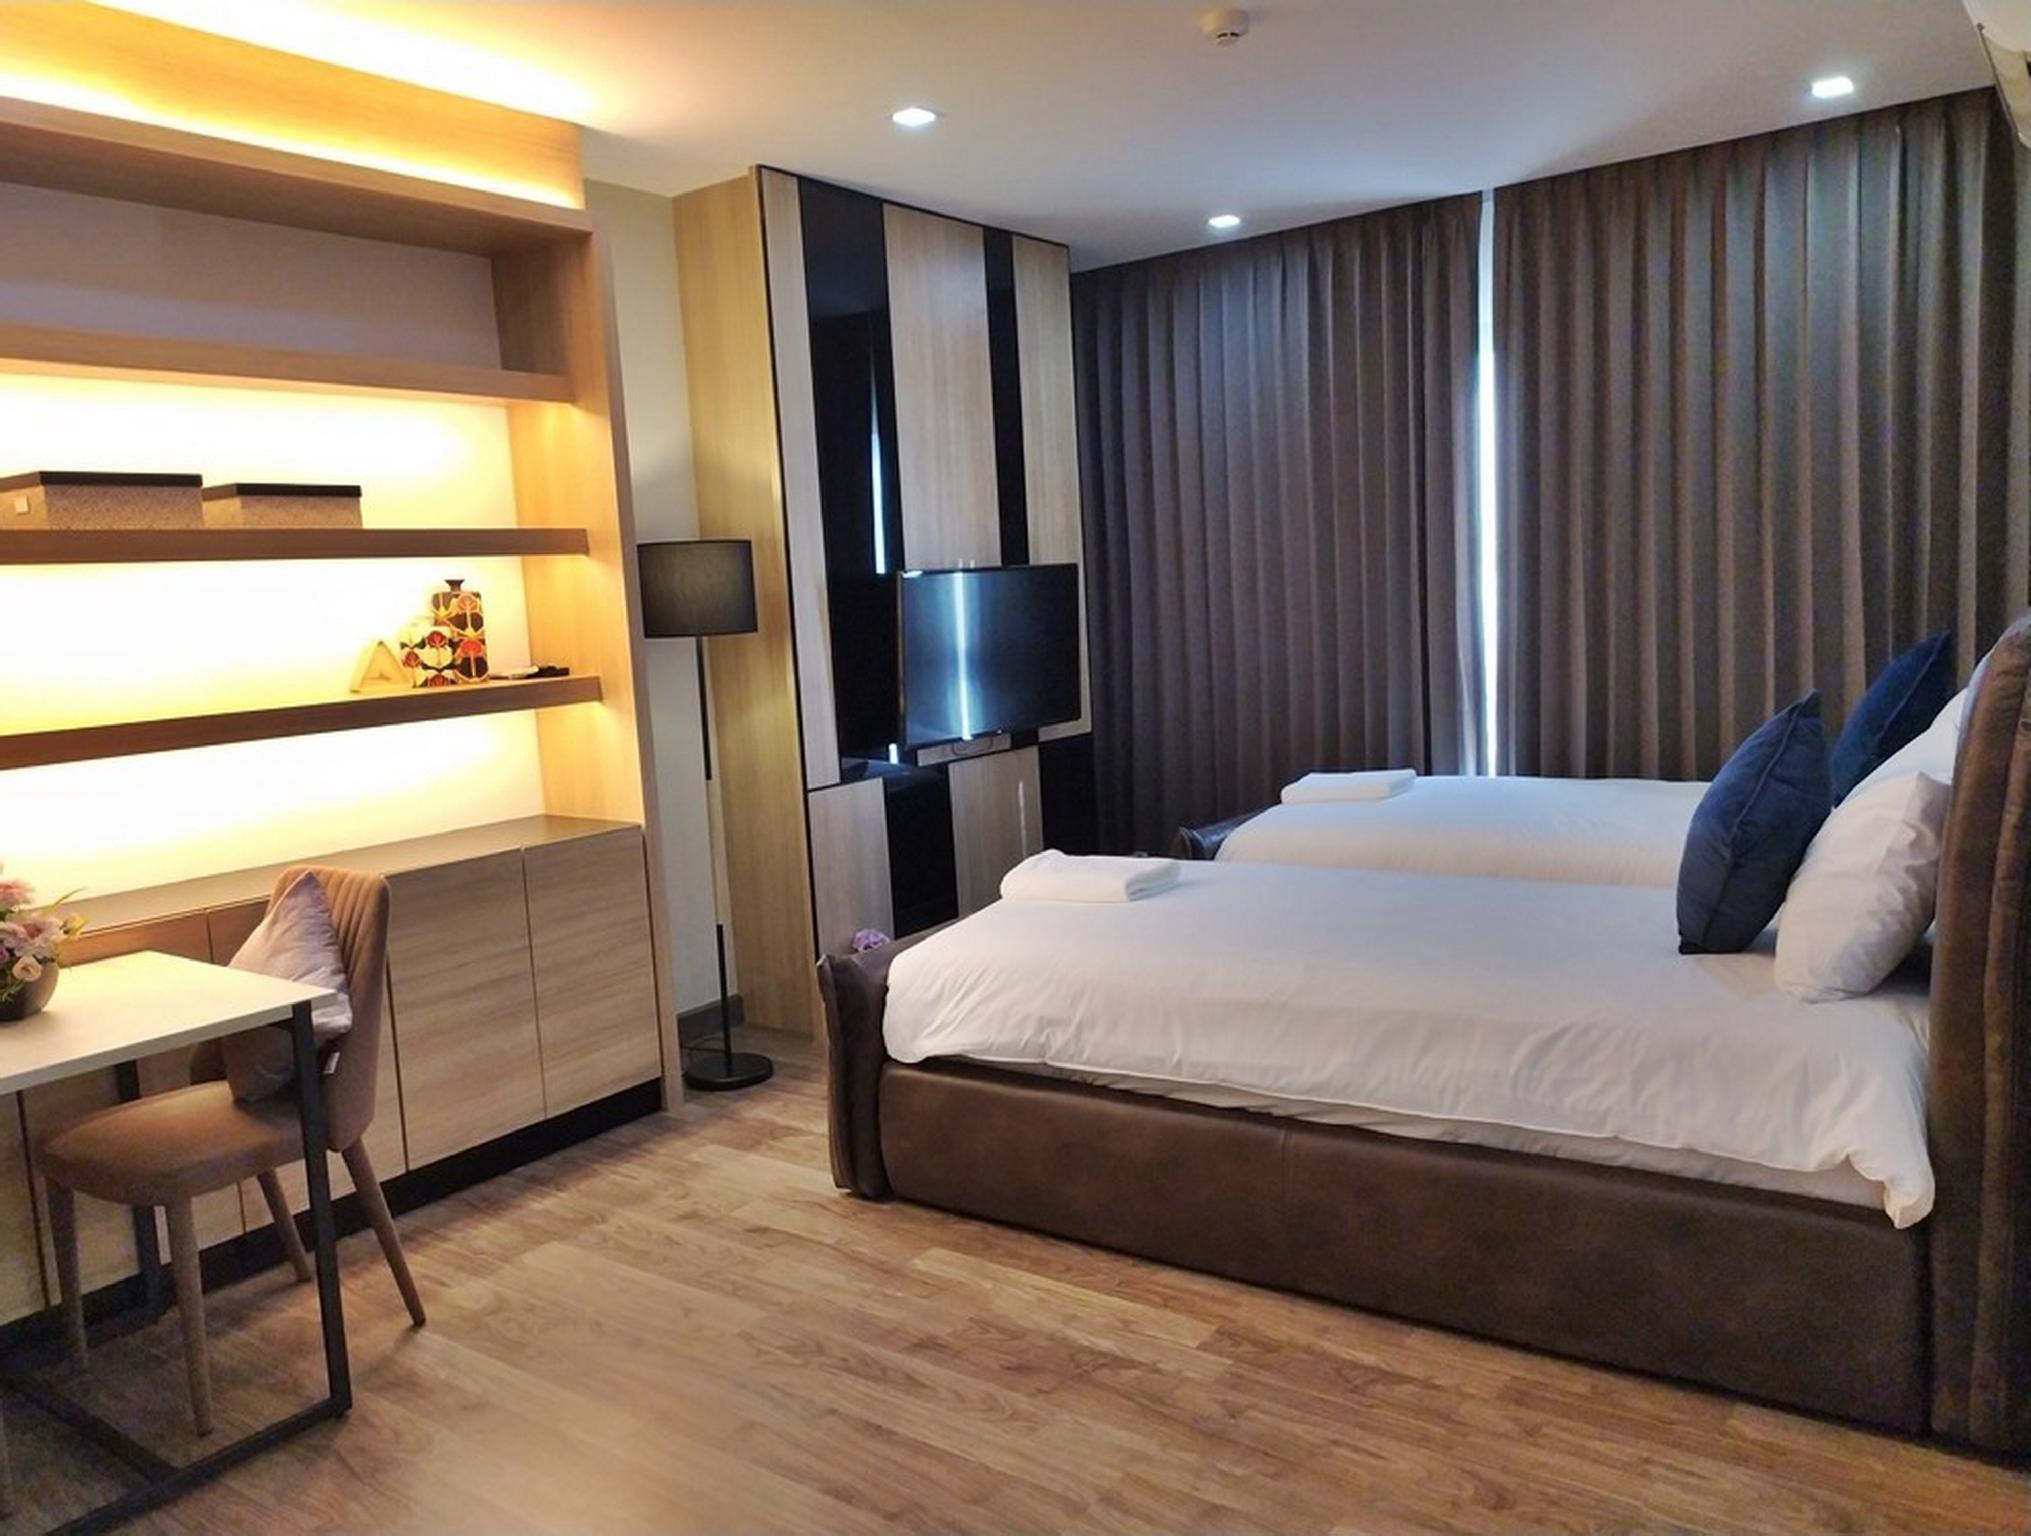 The Suthep View Residence BH-104 Chiang Mai อพาร์ตเมนต์ 1 ห้องนอน 1 ห้องน้ำส่วนตัว ขนาด 35 ตร.ม. – สนามบินเชียงใหม่